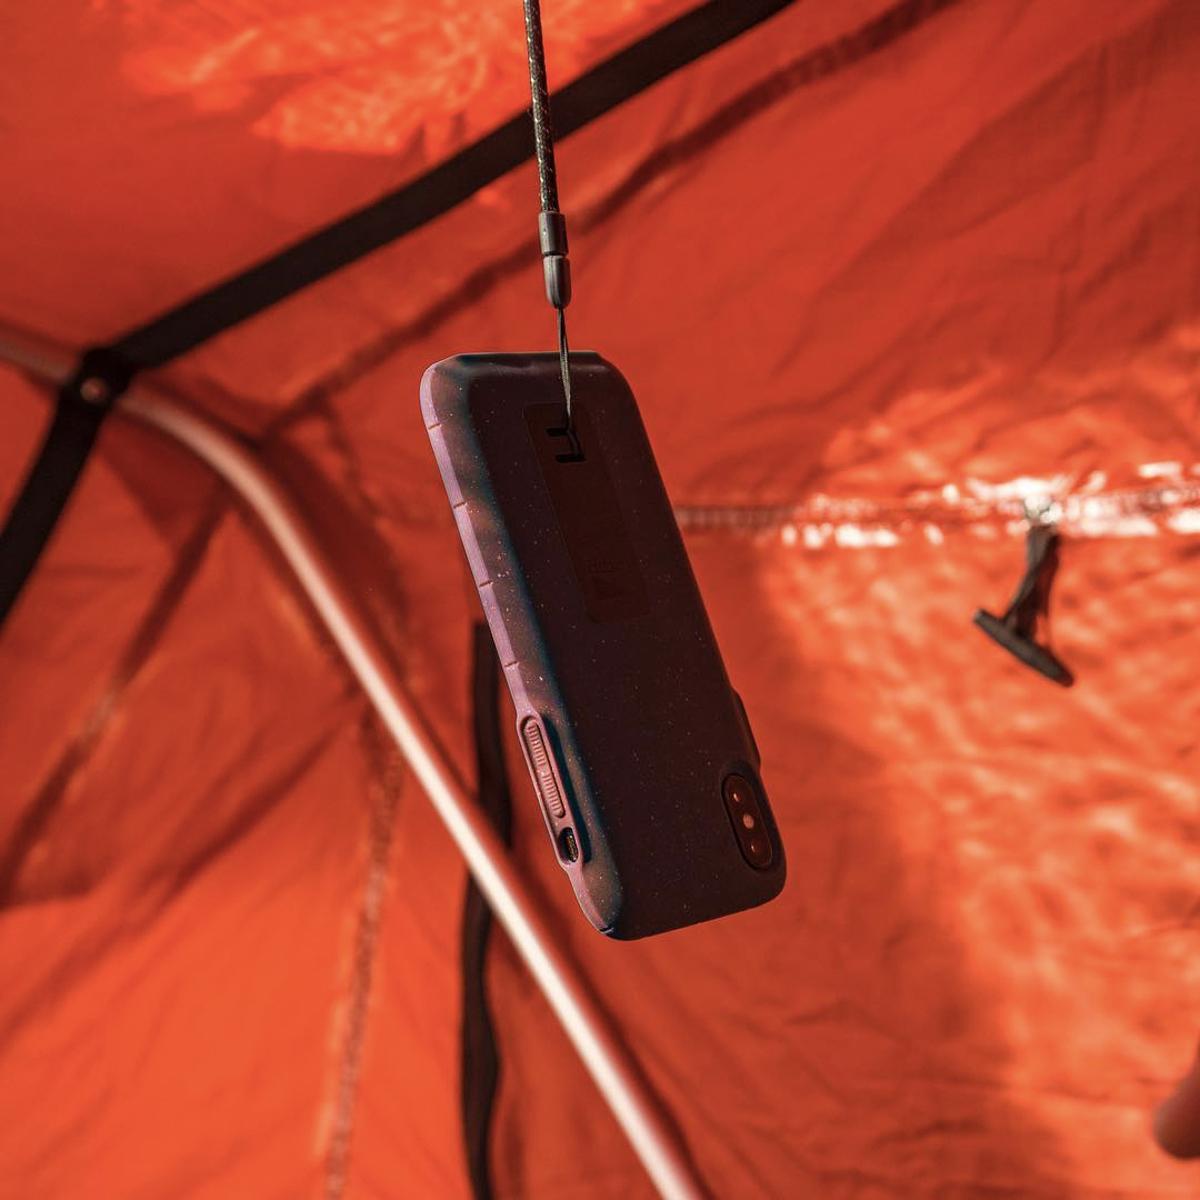 """iPhoneに着せたい""""断熱アウター"""" 《iPhone 11/iPhone 11 Pro》気温によるバッテリー消耗を防ぎ、耐衝撃性に優れたスマホケース LANDER MOAB CASE"""